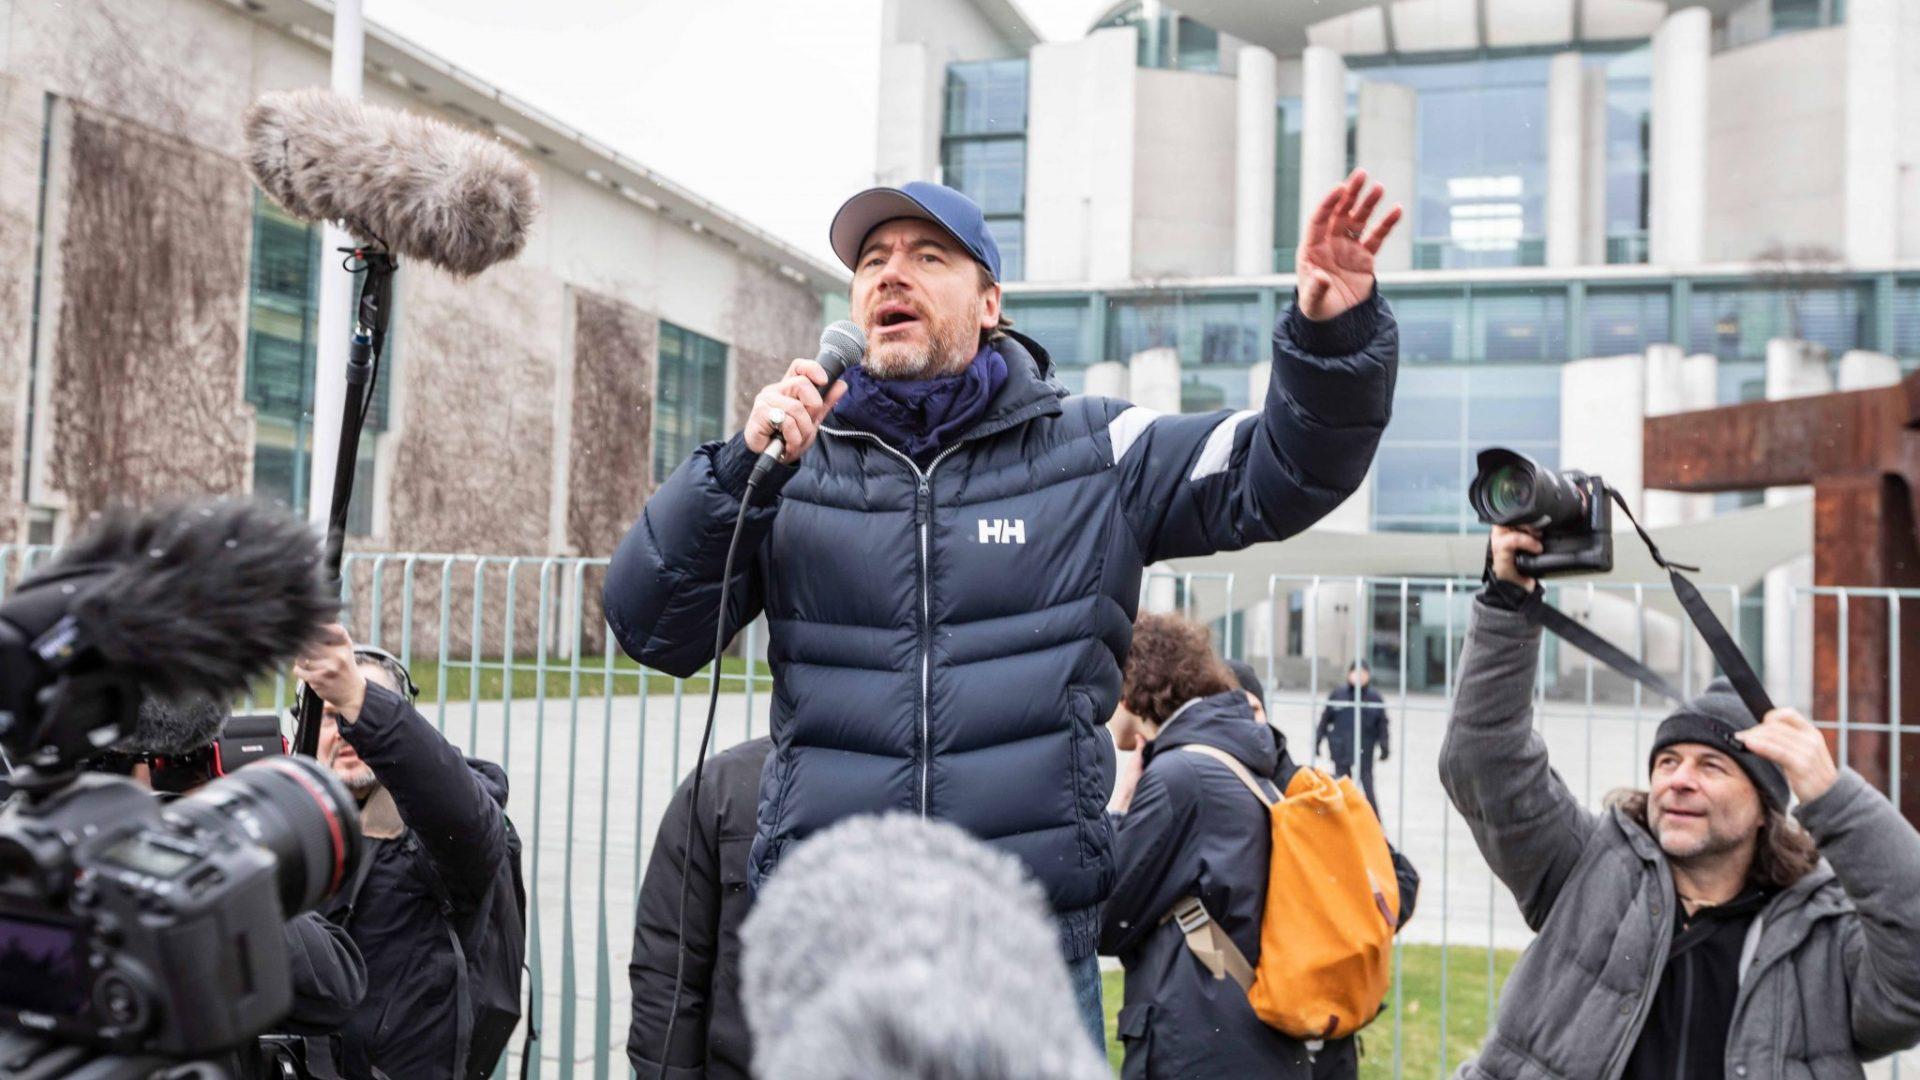 """Prominente Unterstützung für unsere Klima-Forderung gab es von Michael """"Bully"""" Herbig. © Jörg Farys / WWF"""